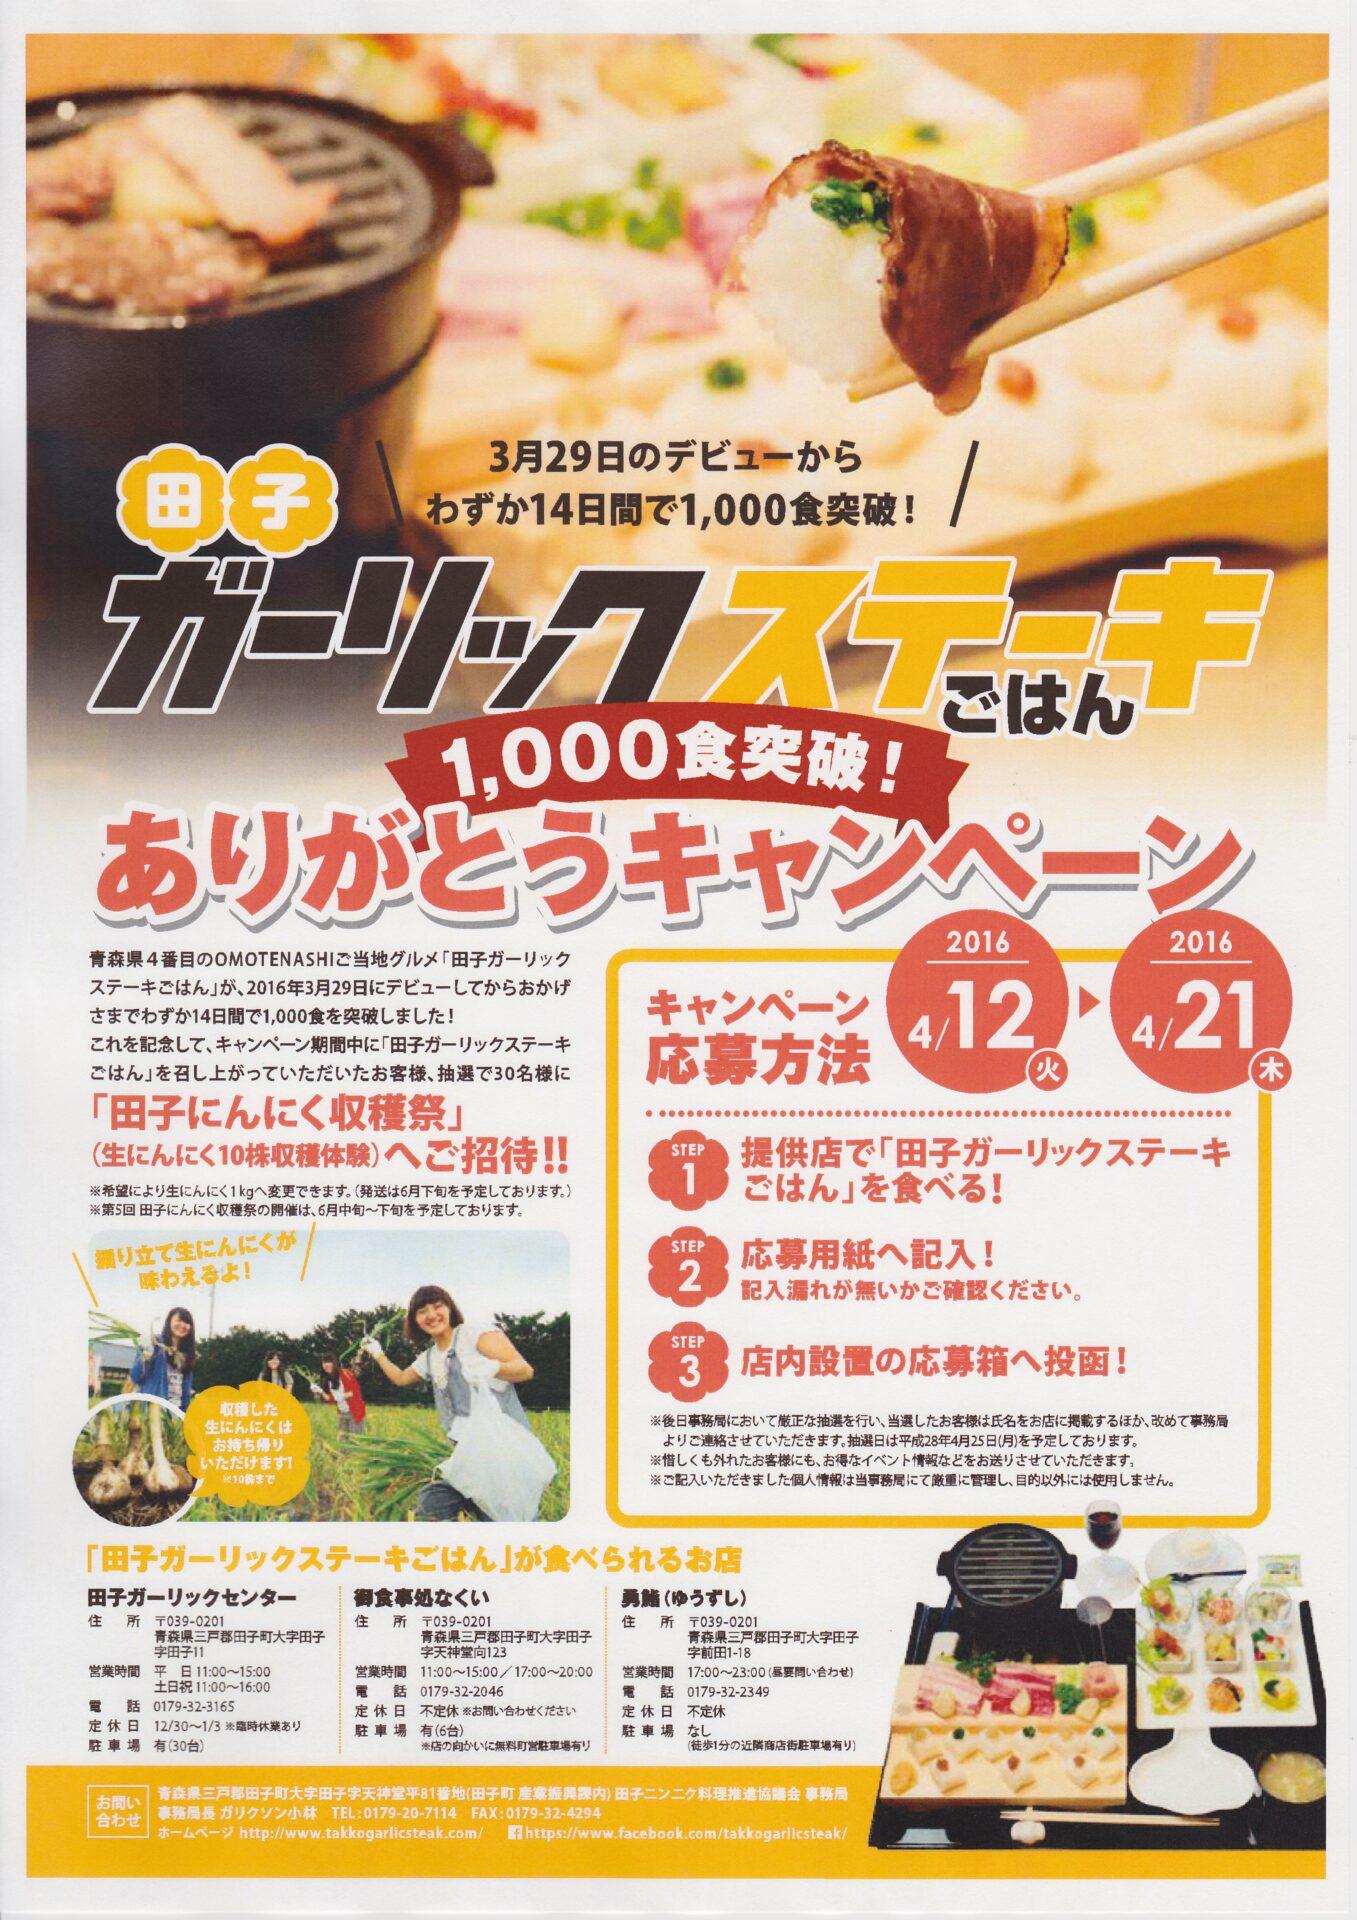 ガリステ1,000食キャンペーン